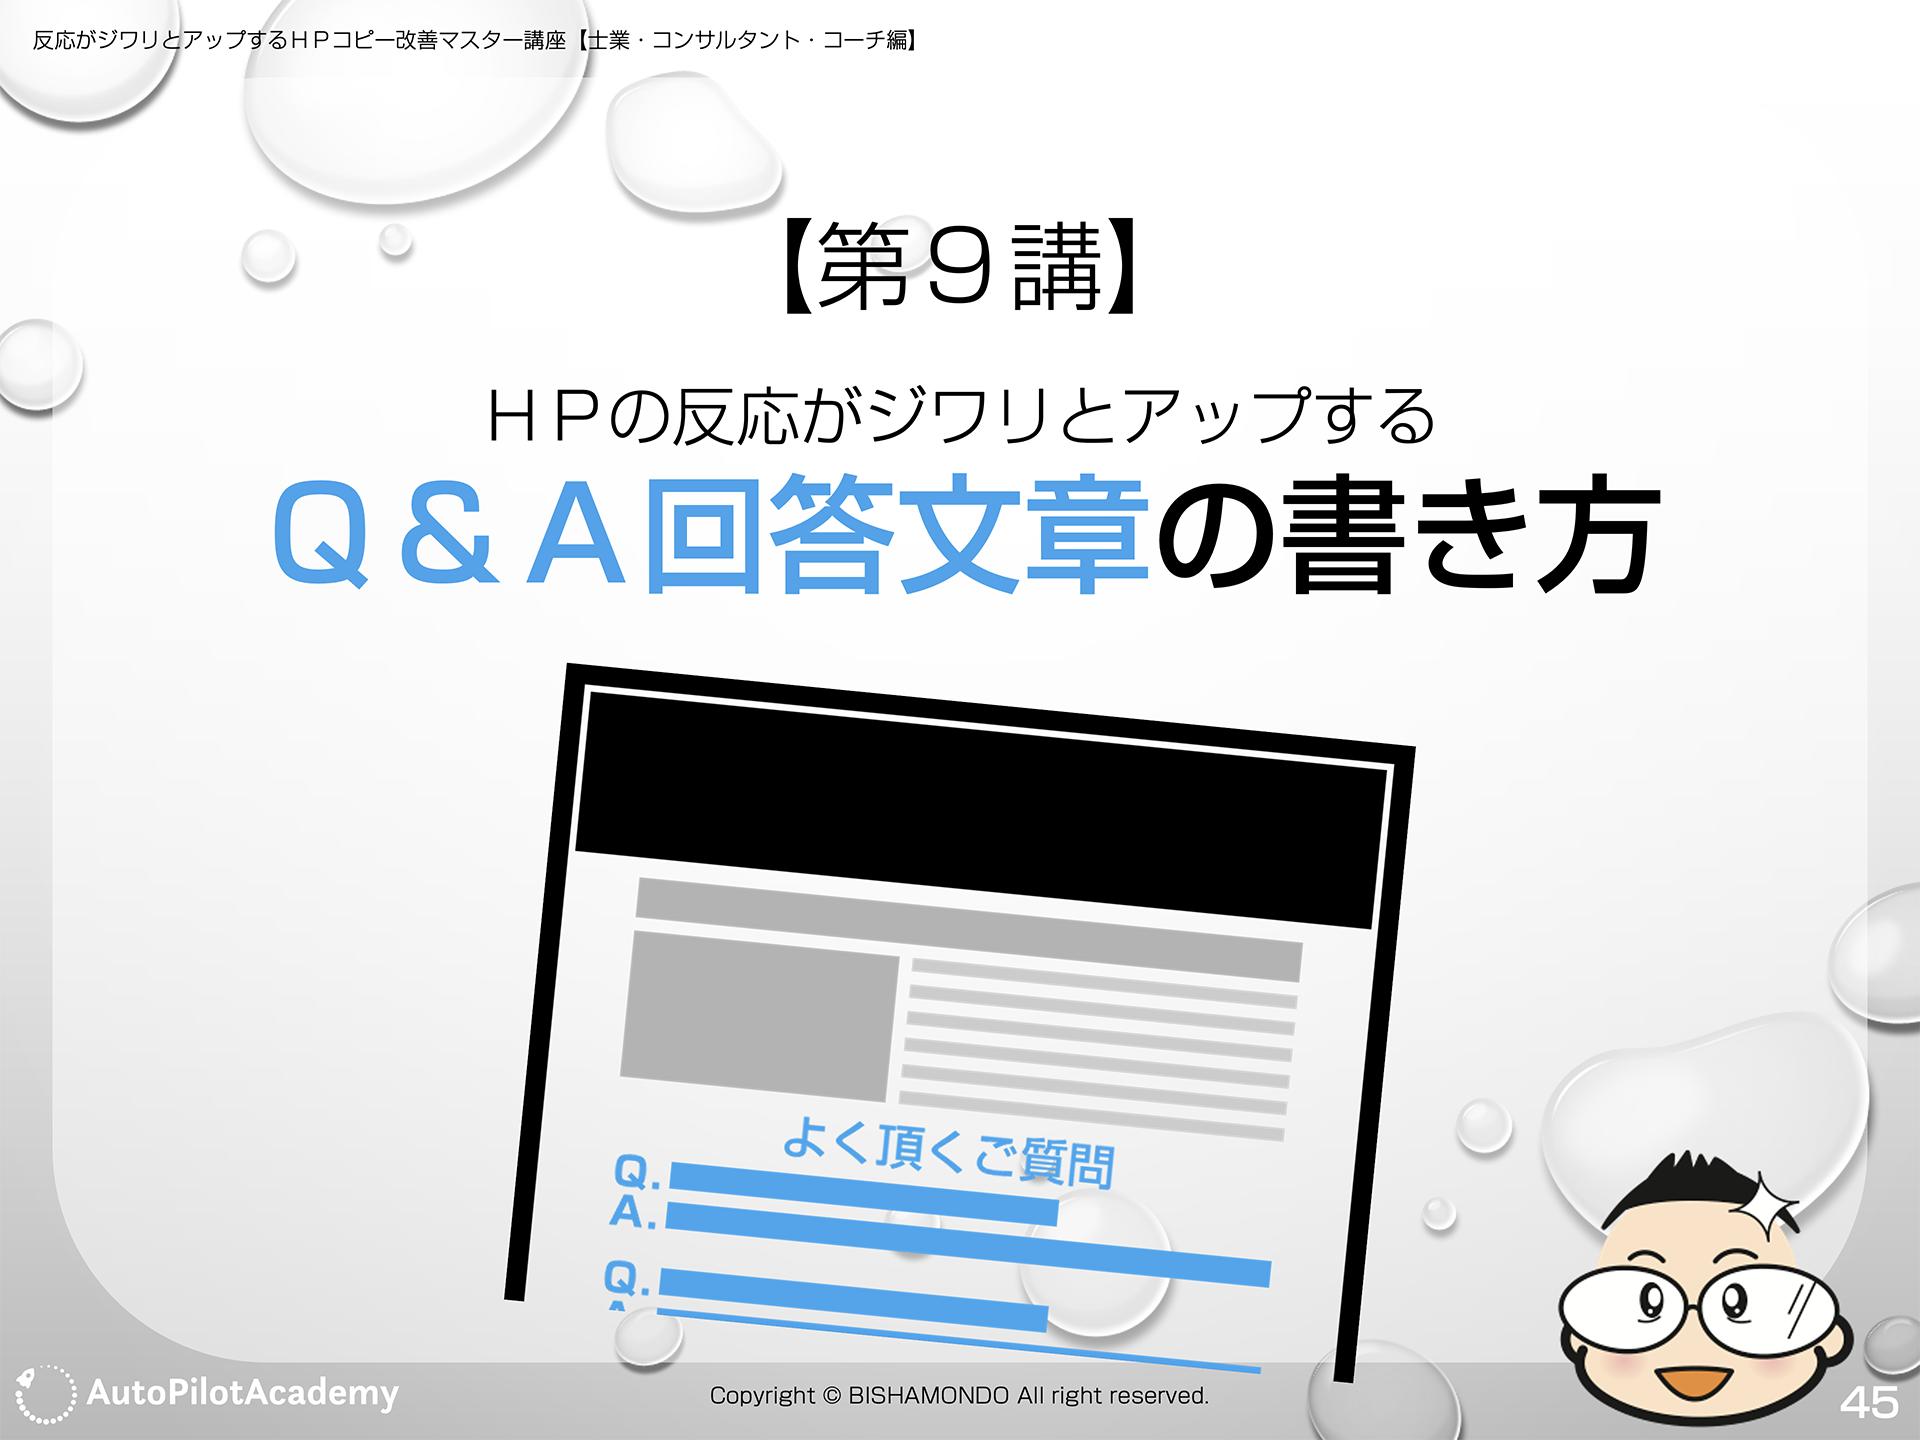 【第9講】HPの反応がジワリとアップするQ&A回答文章の書き方